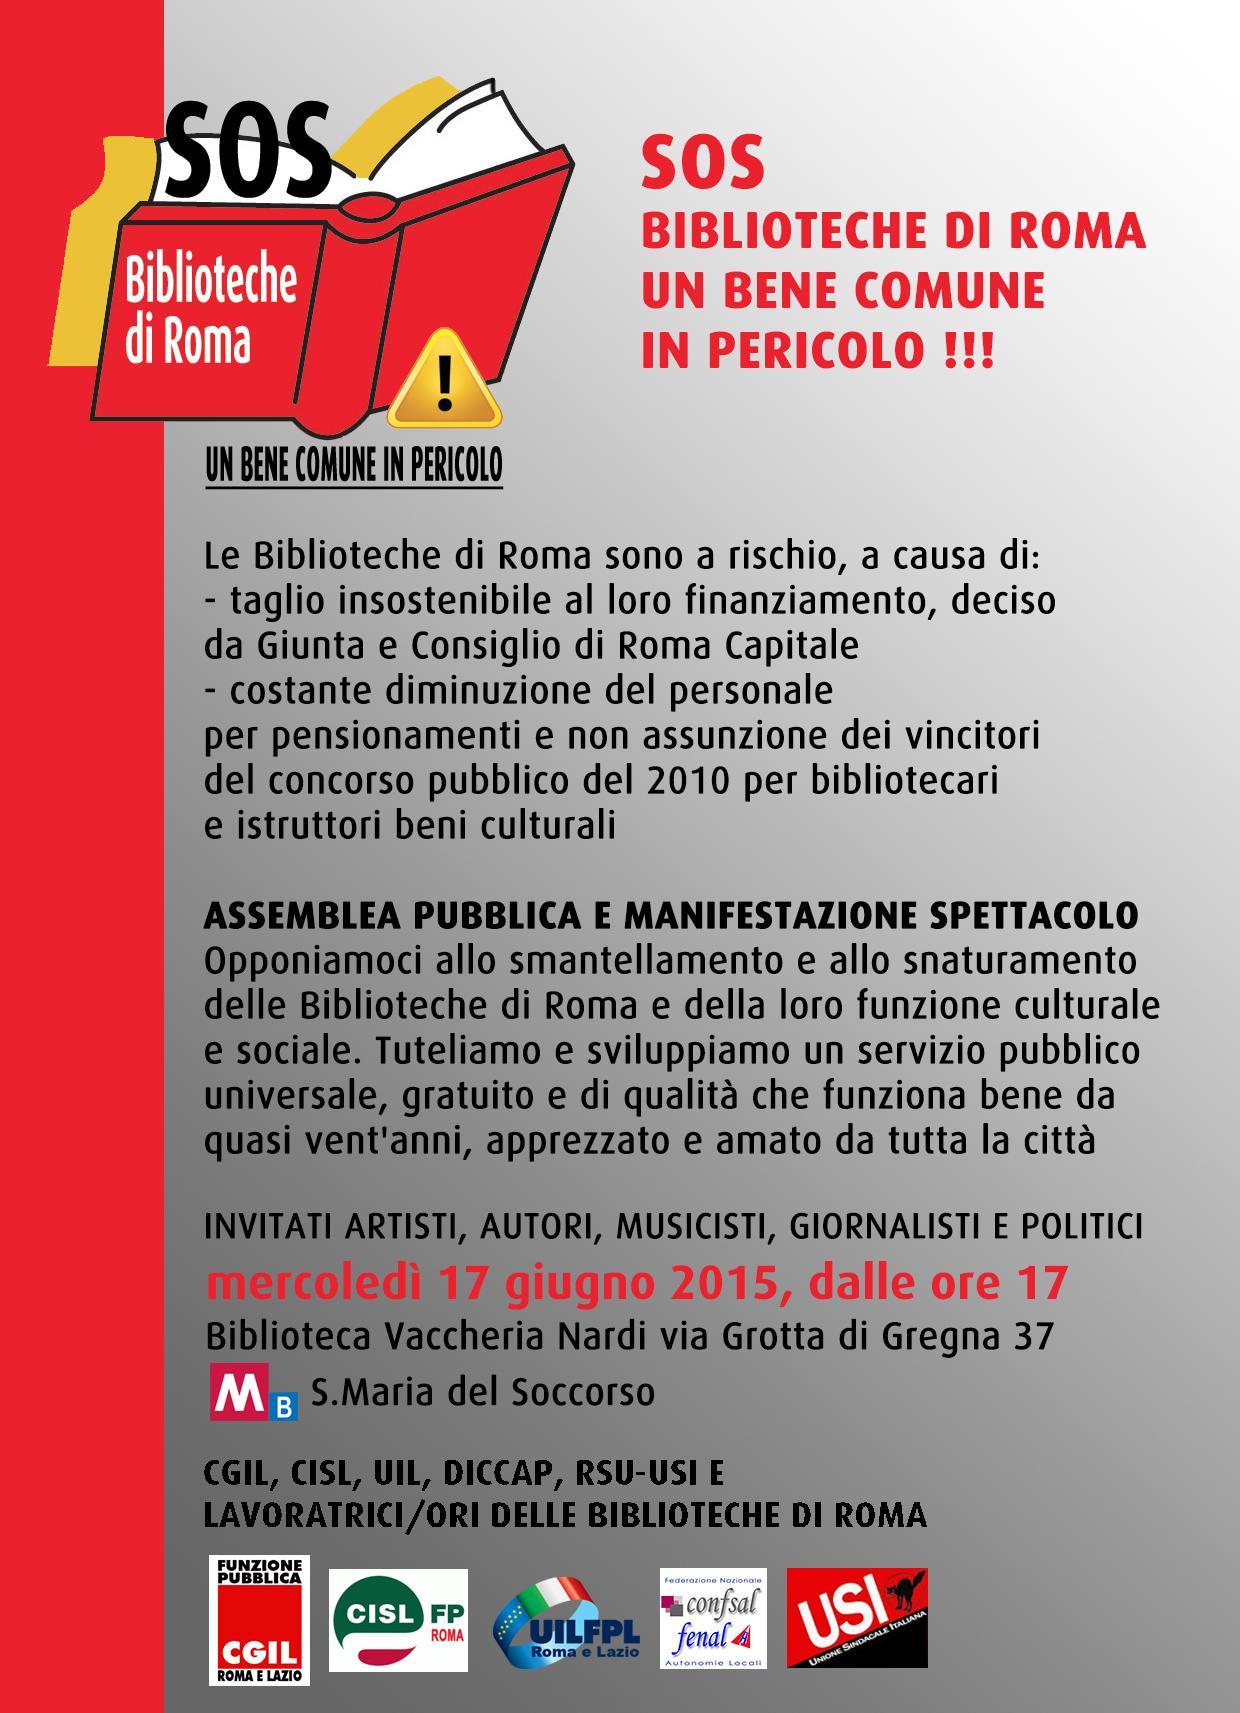 SOS BIBLIOTECHE DI ROMA